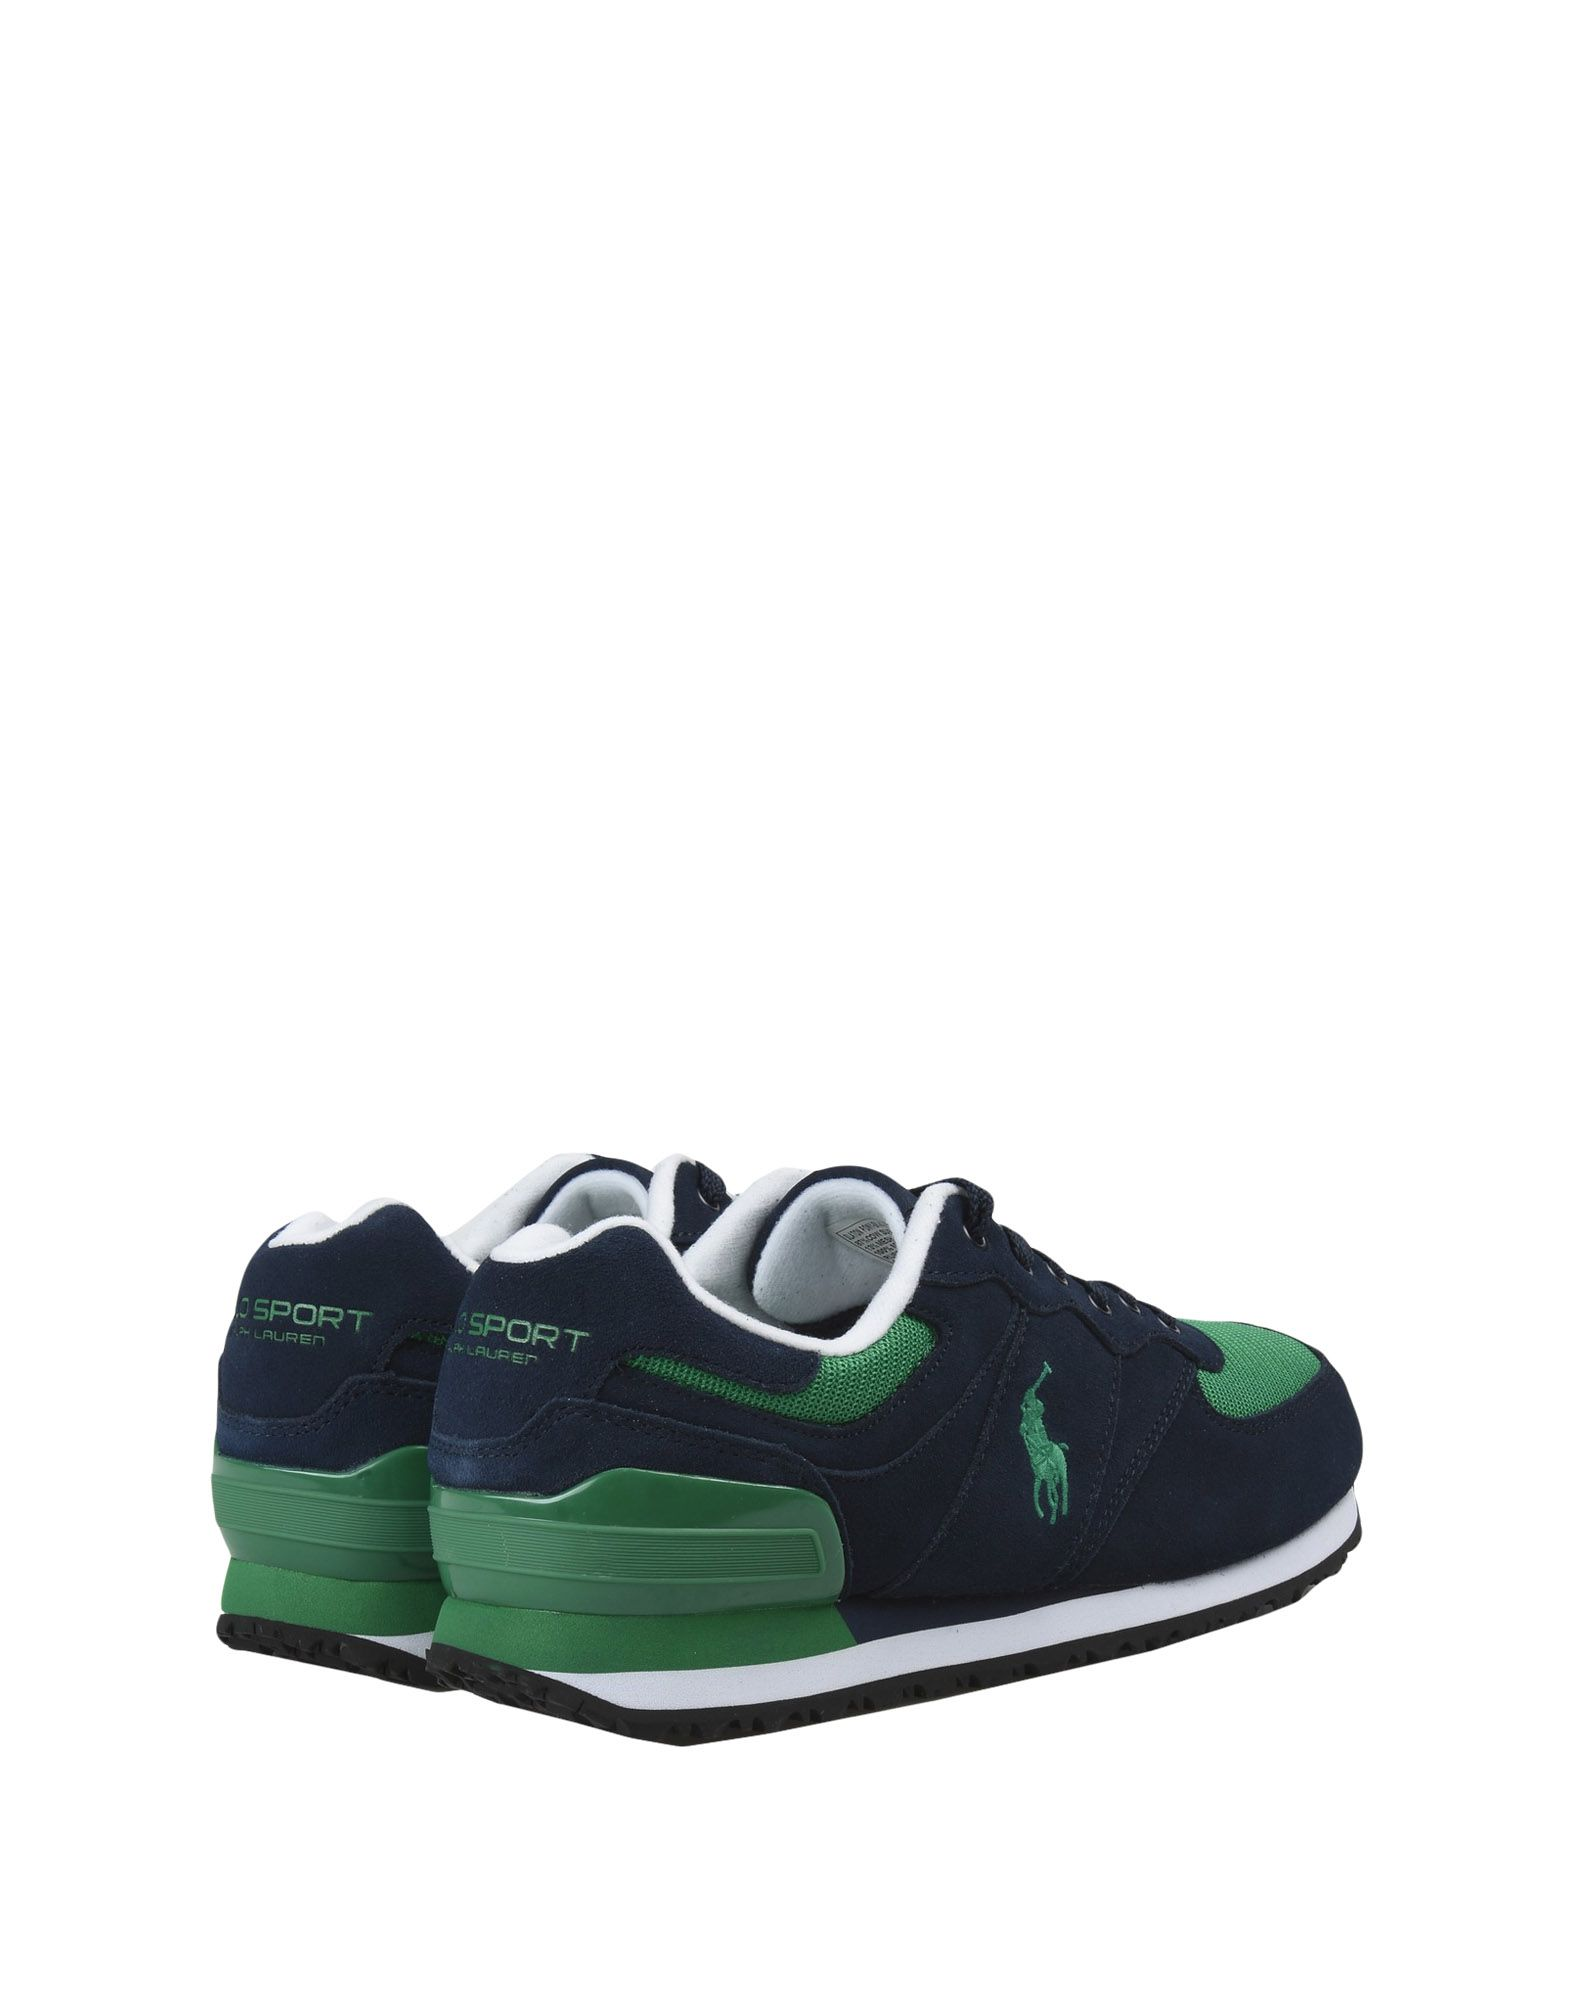 Rabatt echte Lauren Schuhe Polo Sport Ralph Lauren echte Sneakers Herren  11203787QG c229a1